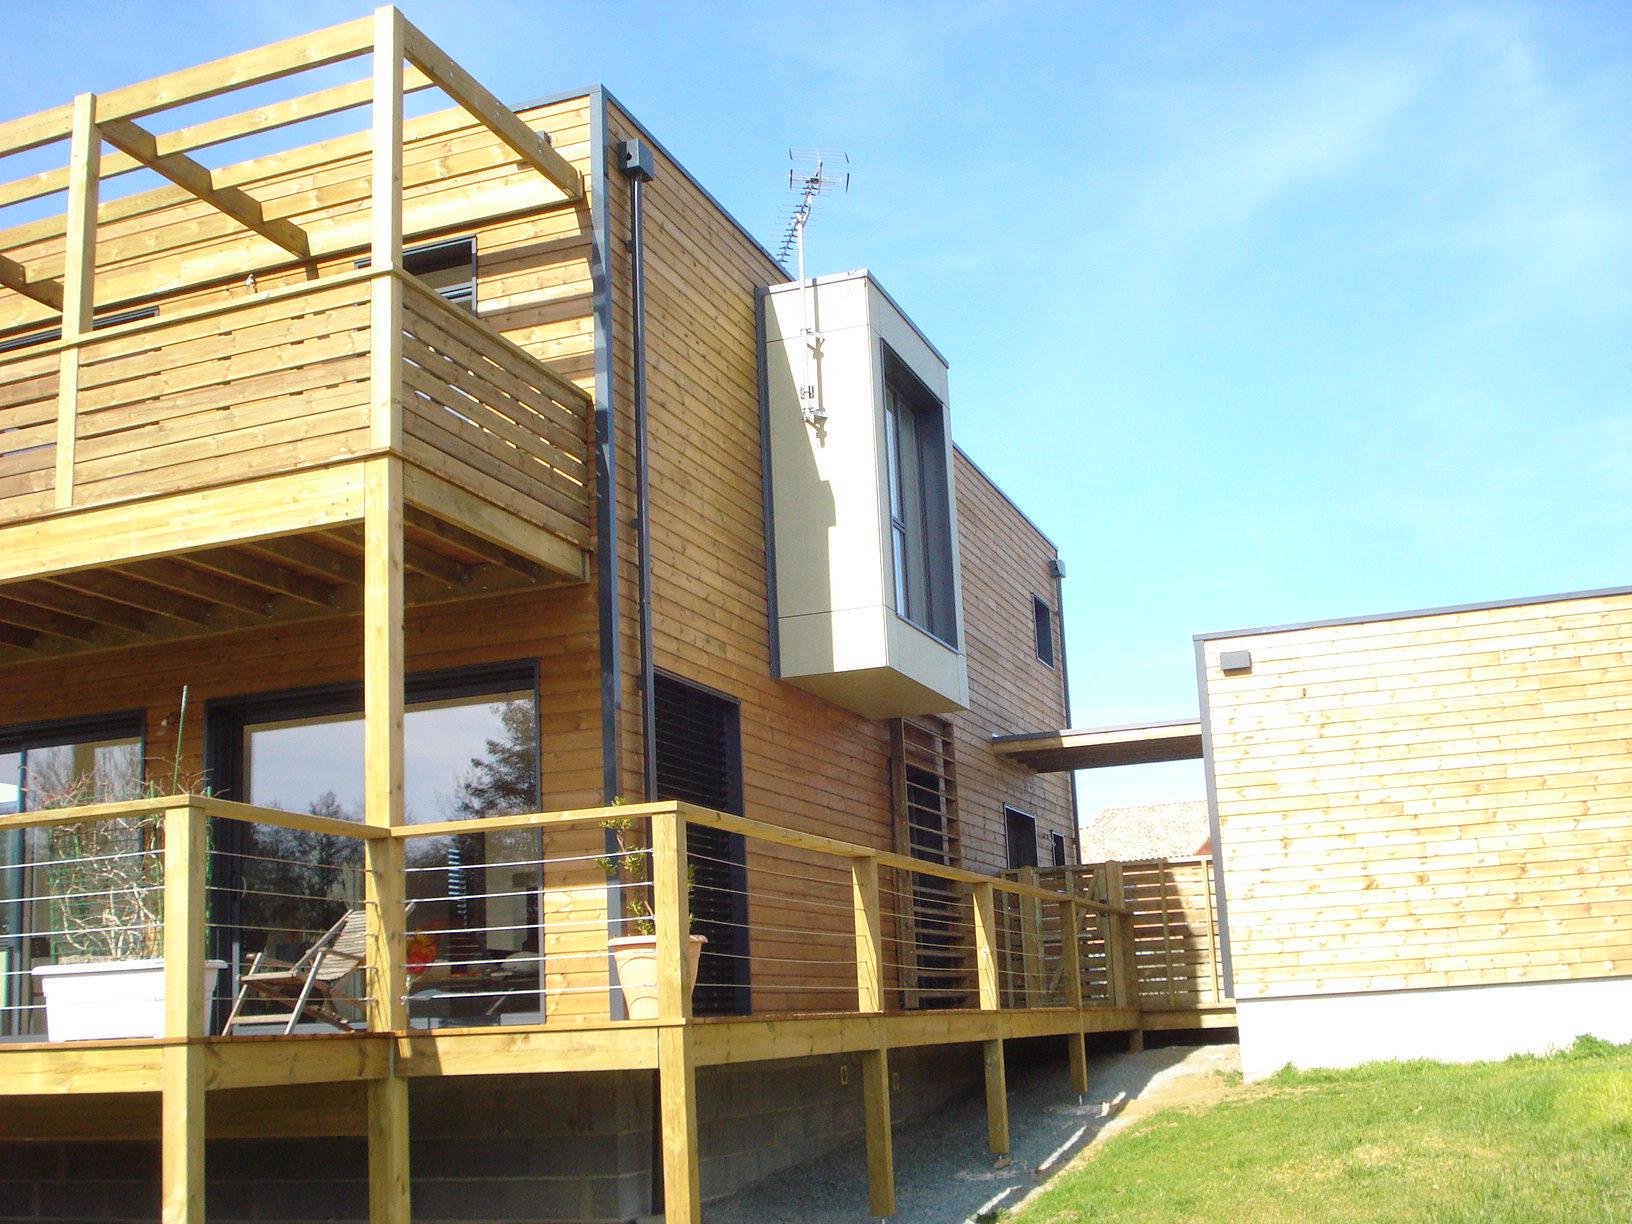 maison et extension bois dans le nord vendée - ma maison acv